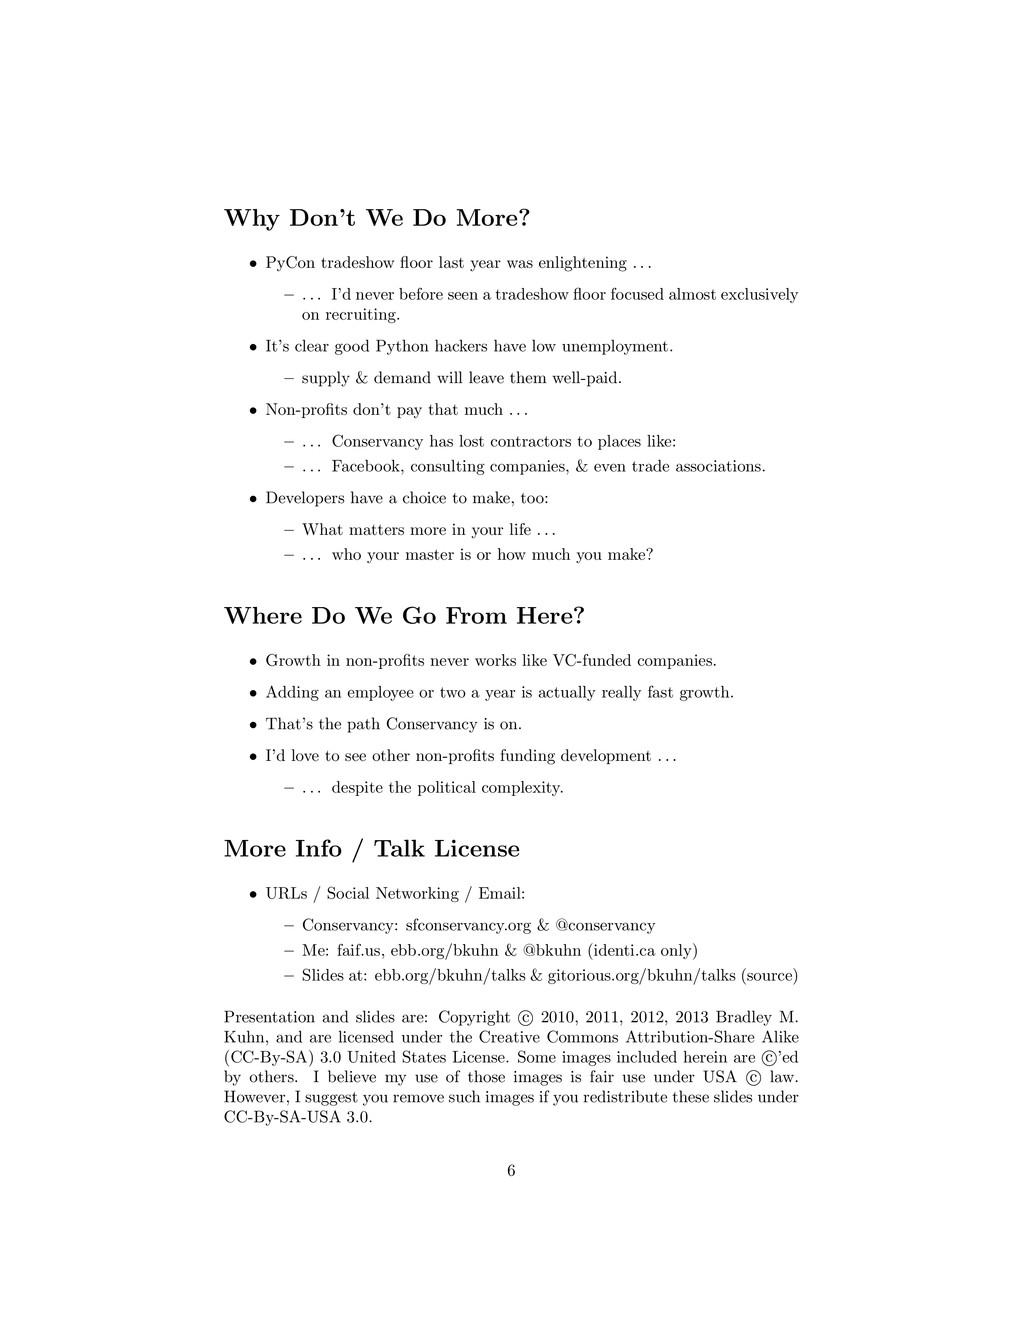 Why Don't We Do More? • PyCon tradeshow floor la...